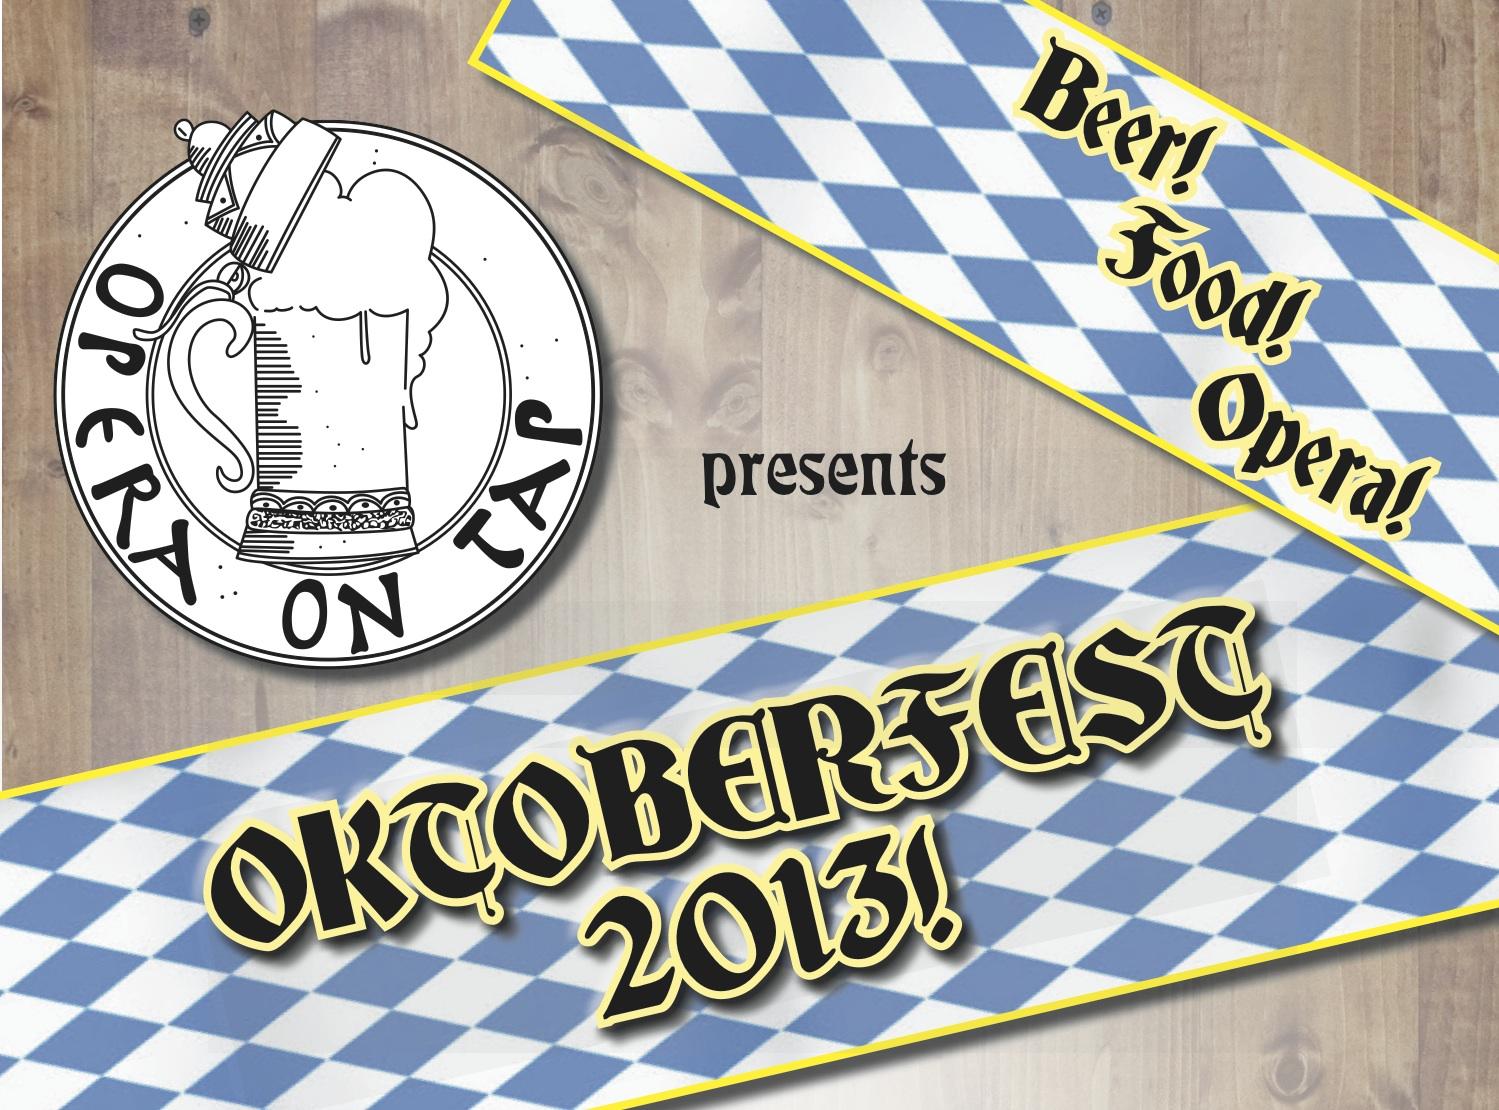 Oktoberfest 2013 small